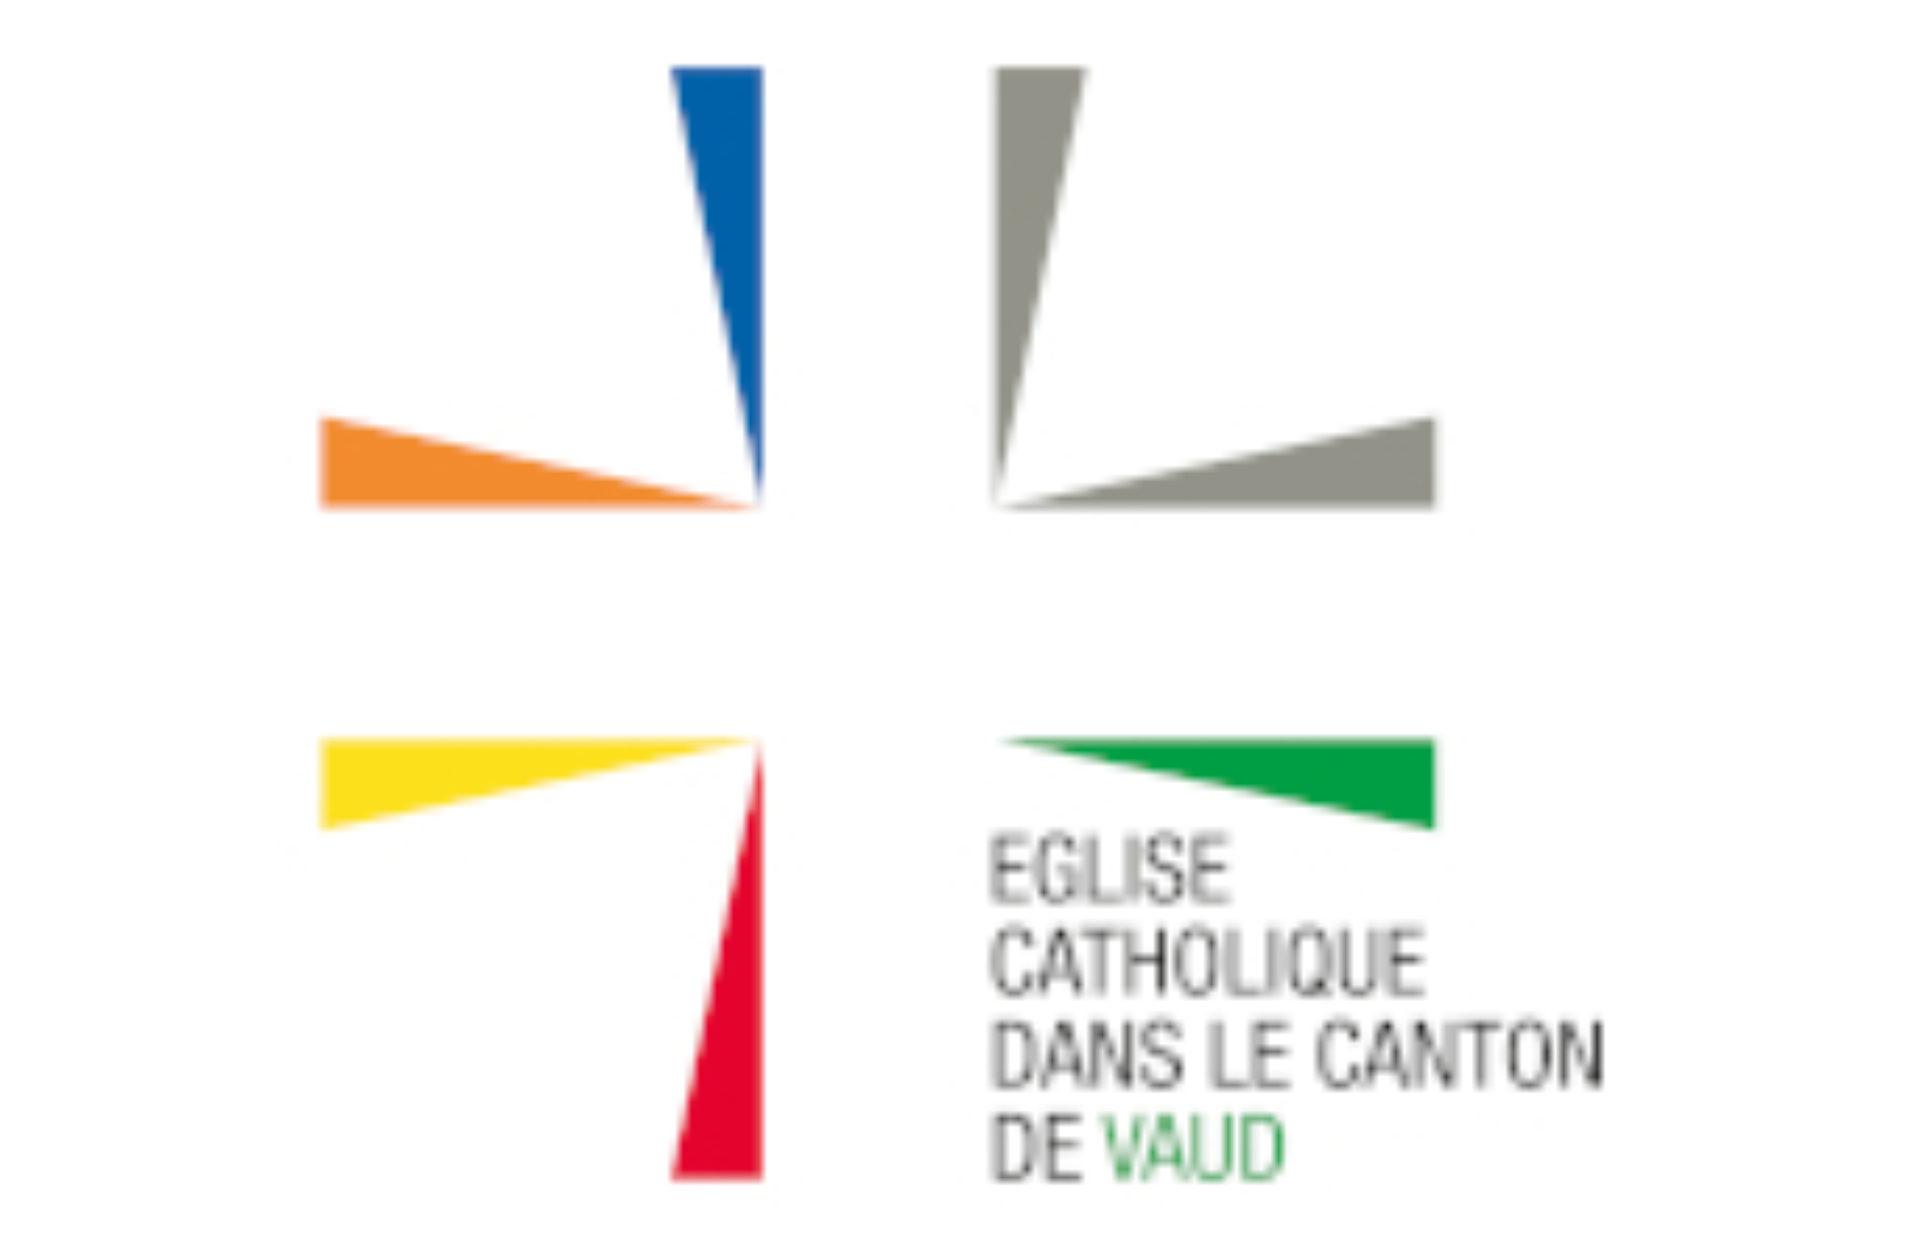 Église Catholique dans le canton de Vaud